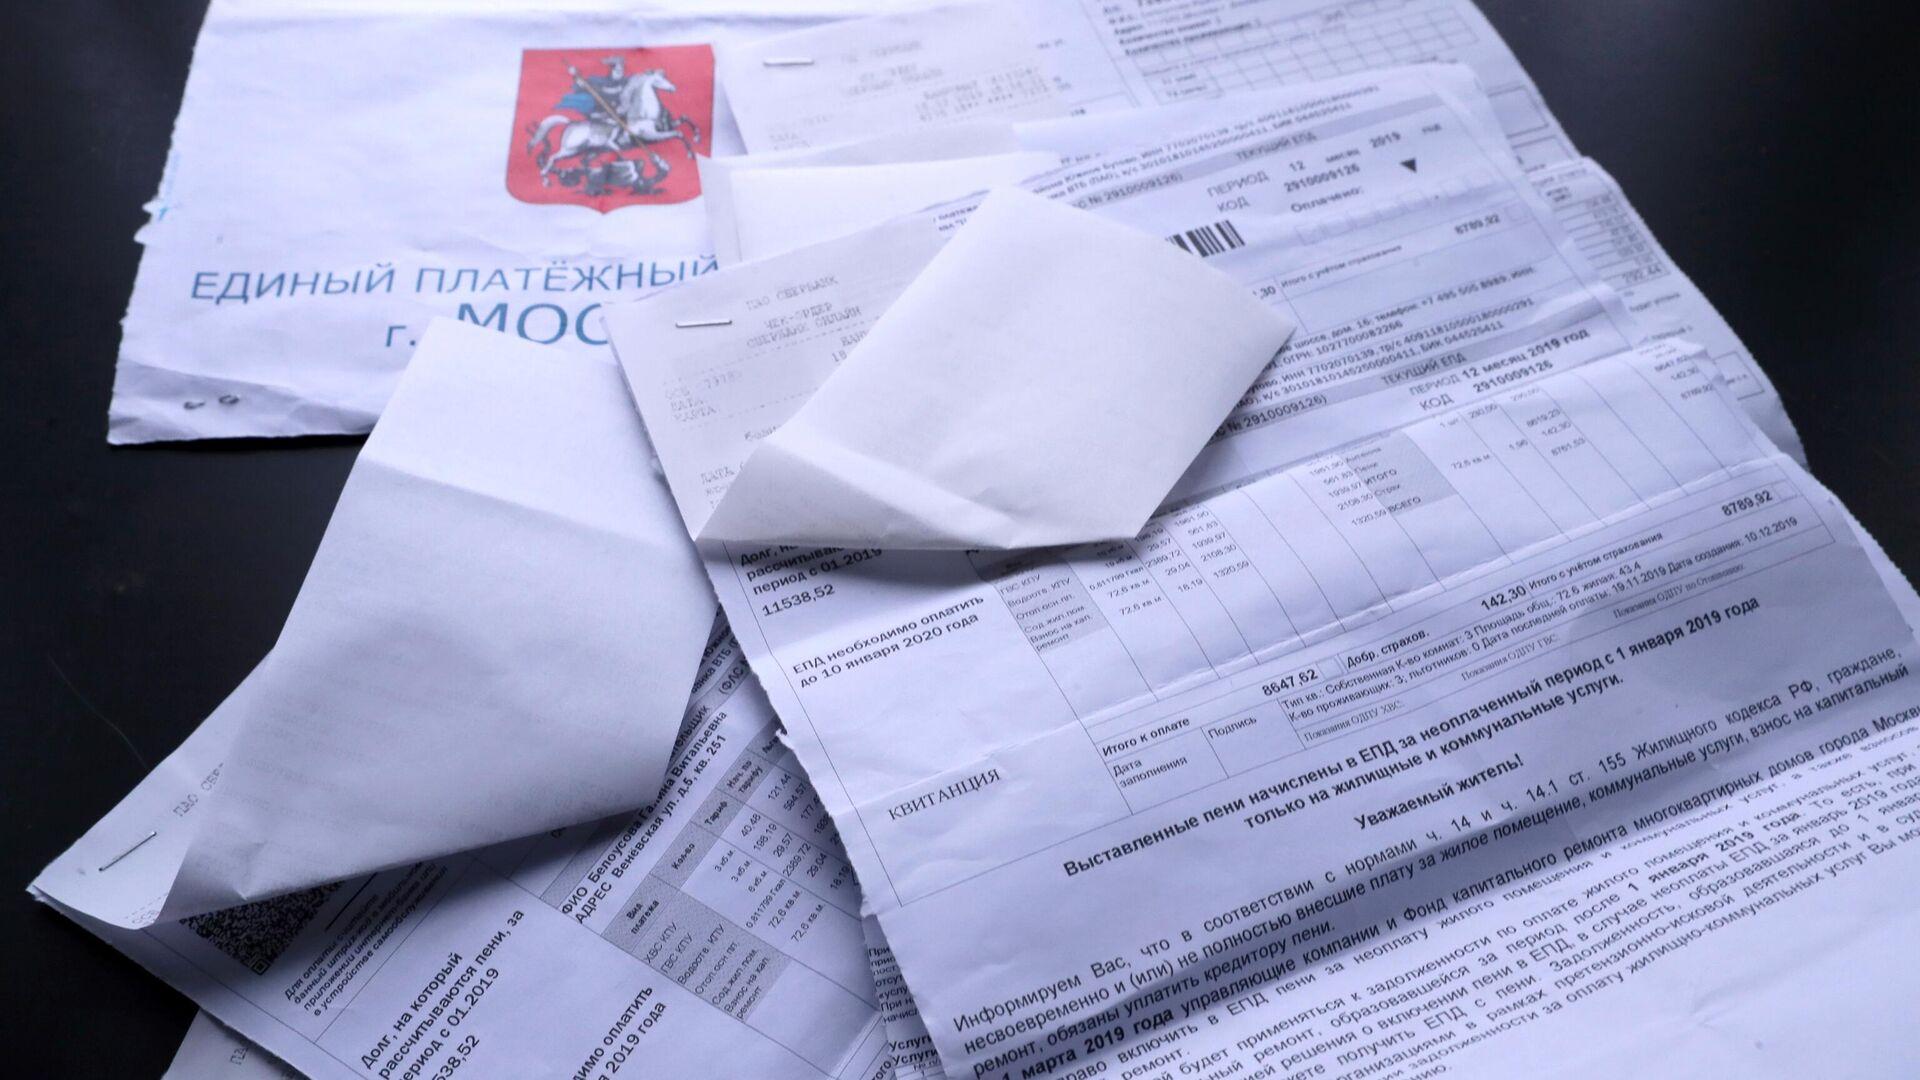 В 2020 году в России вырастут тарифы ЖКХ - РИА Новости, 1920, 21.07.2021